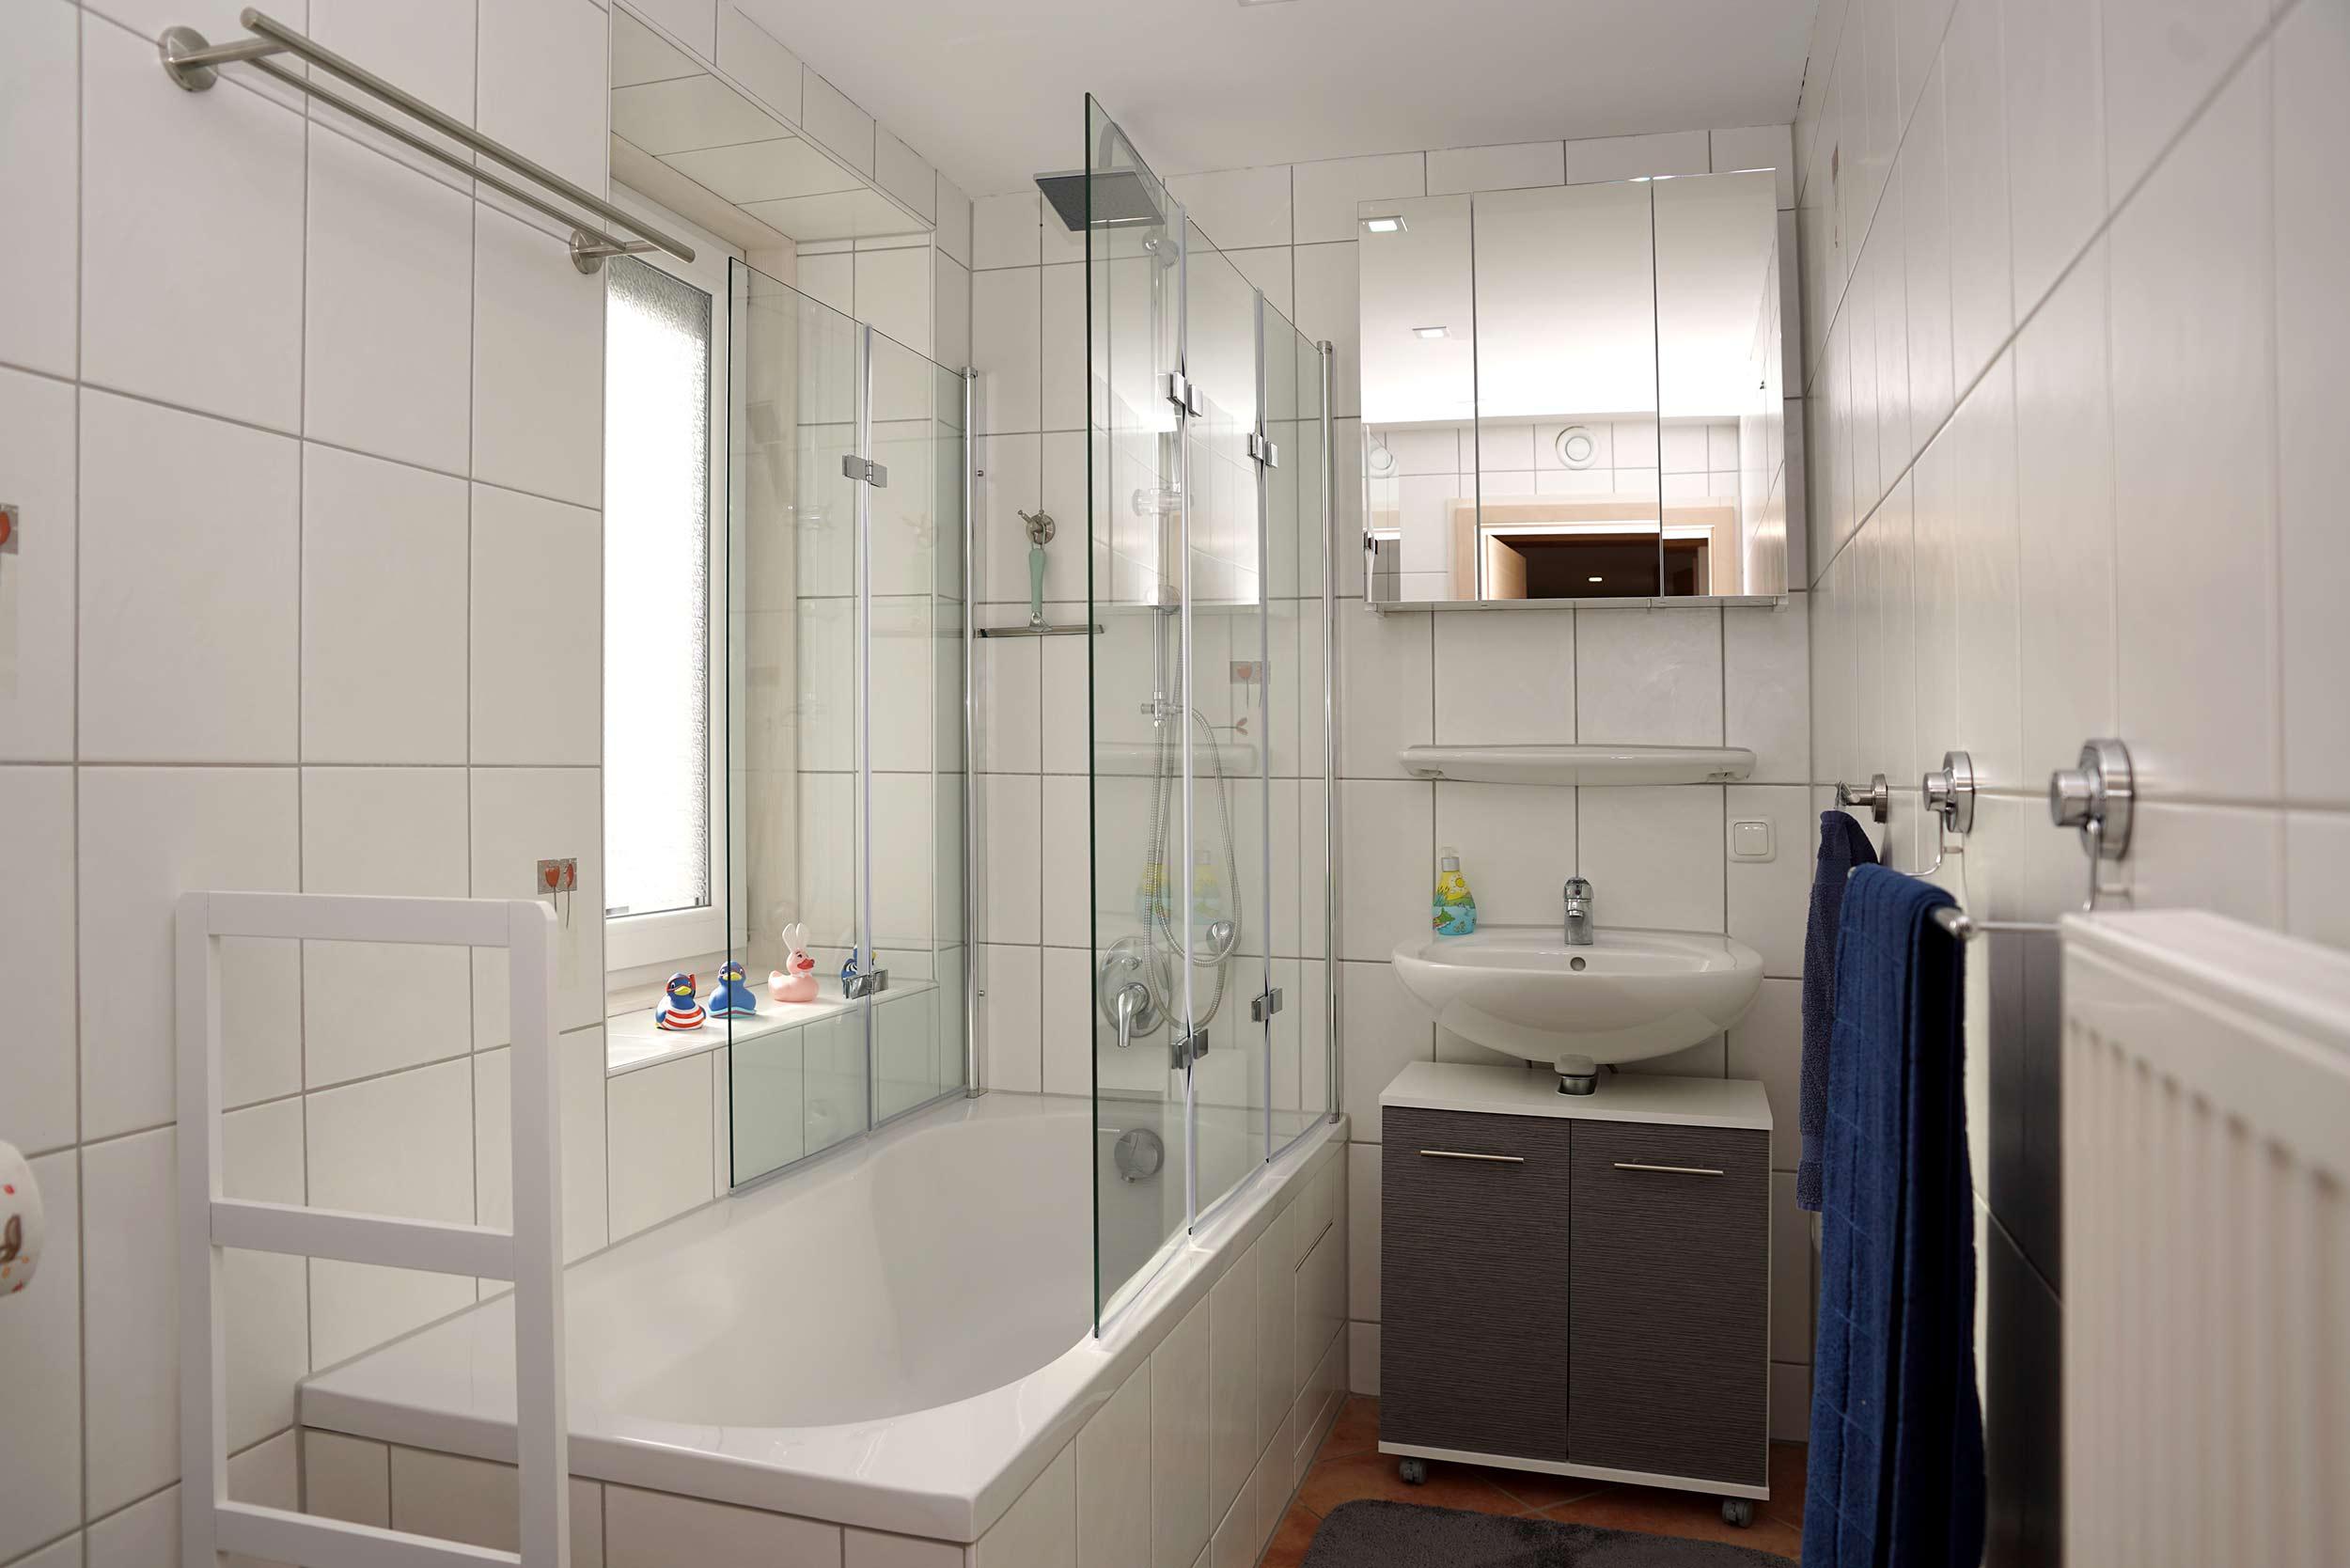 Ferienwohnung Chrisitan Buhmann, Badezimmer